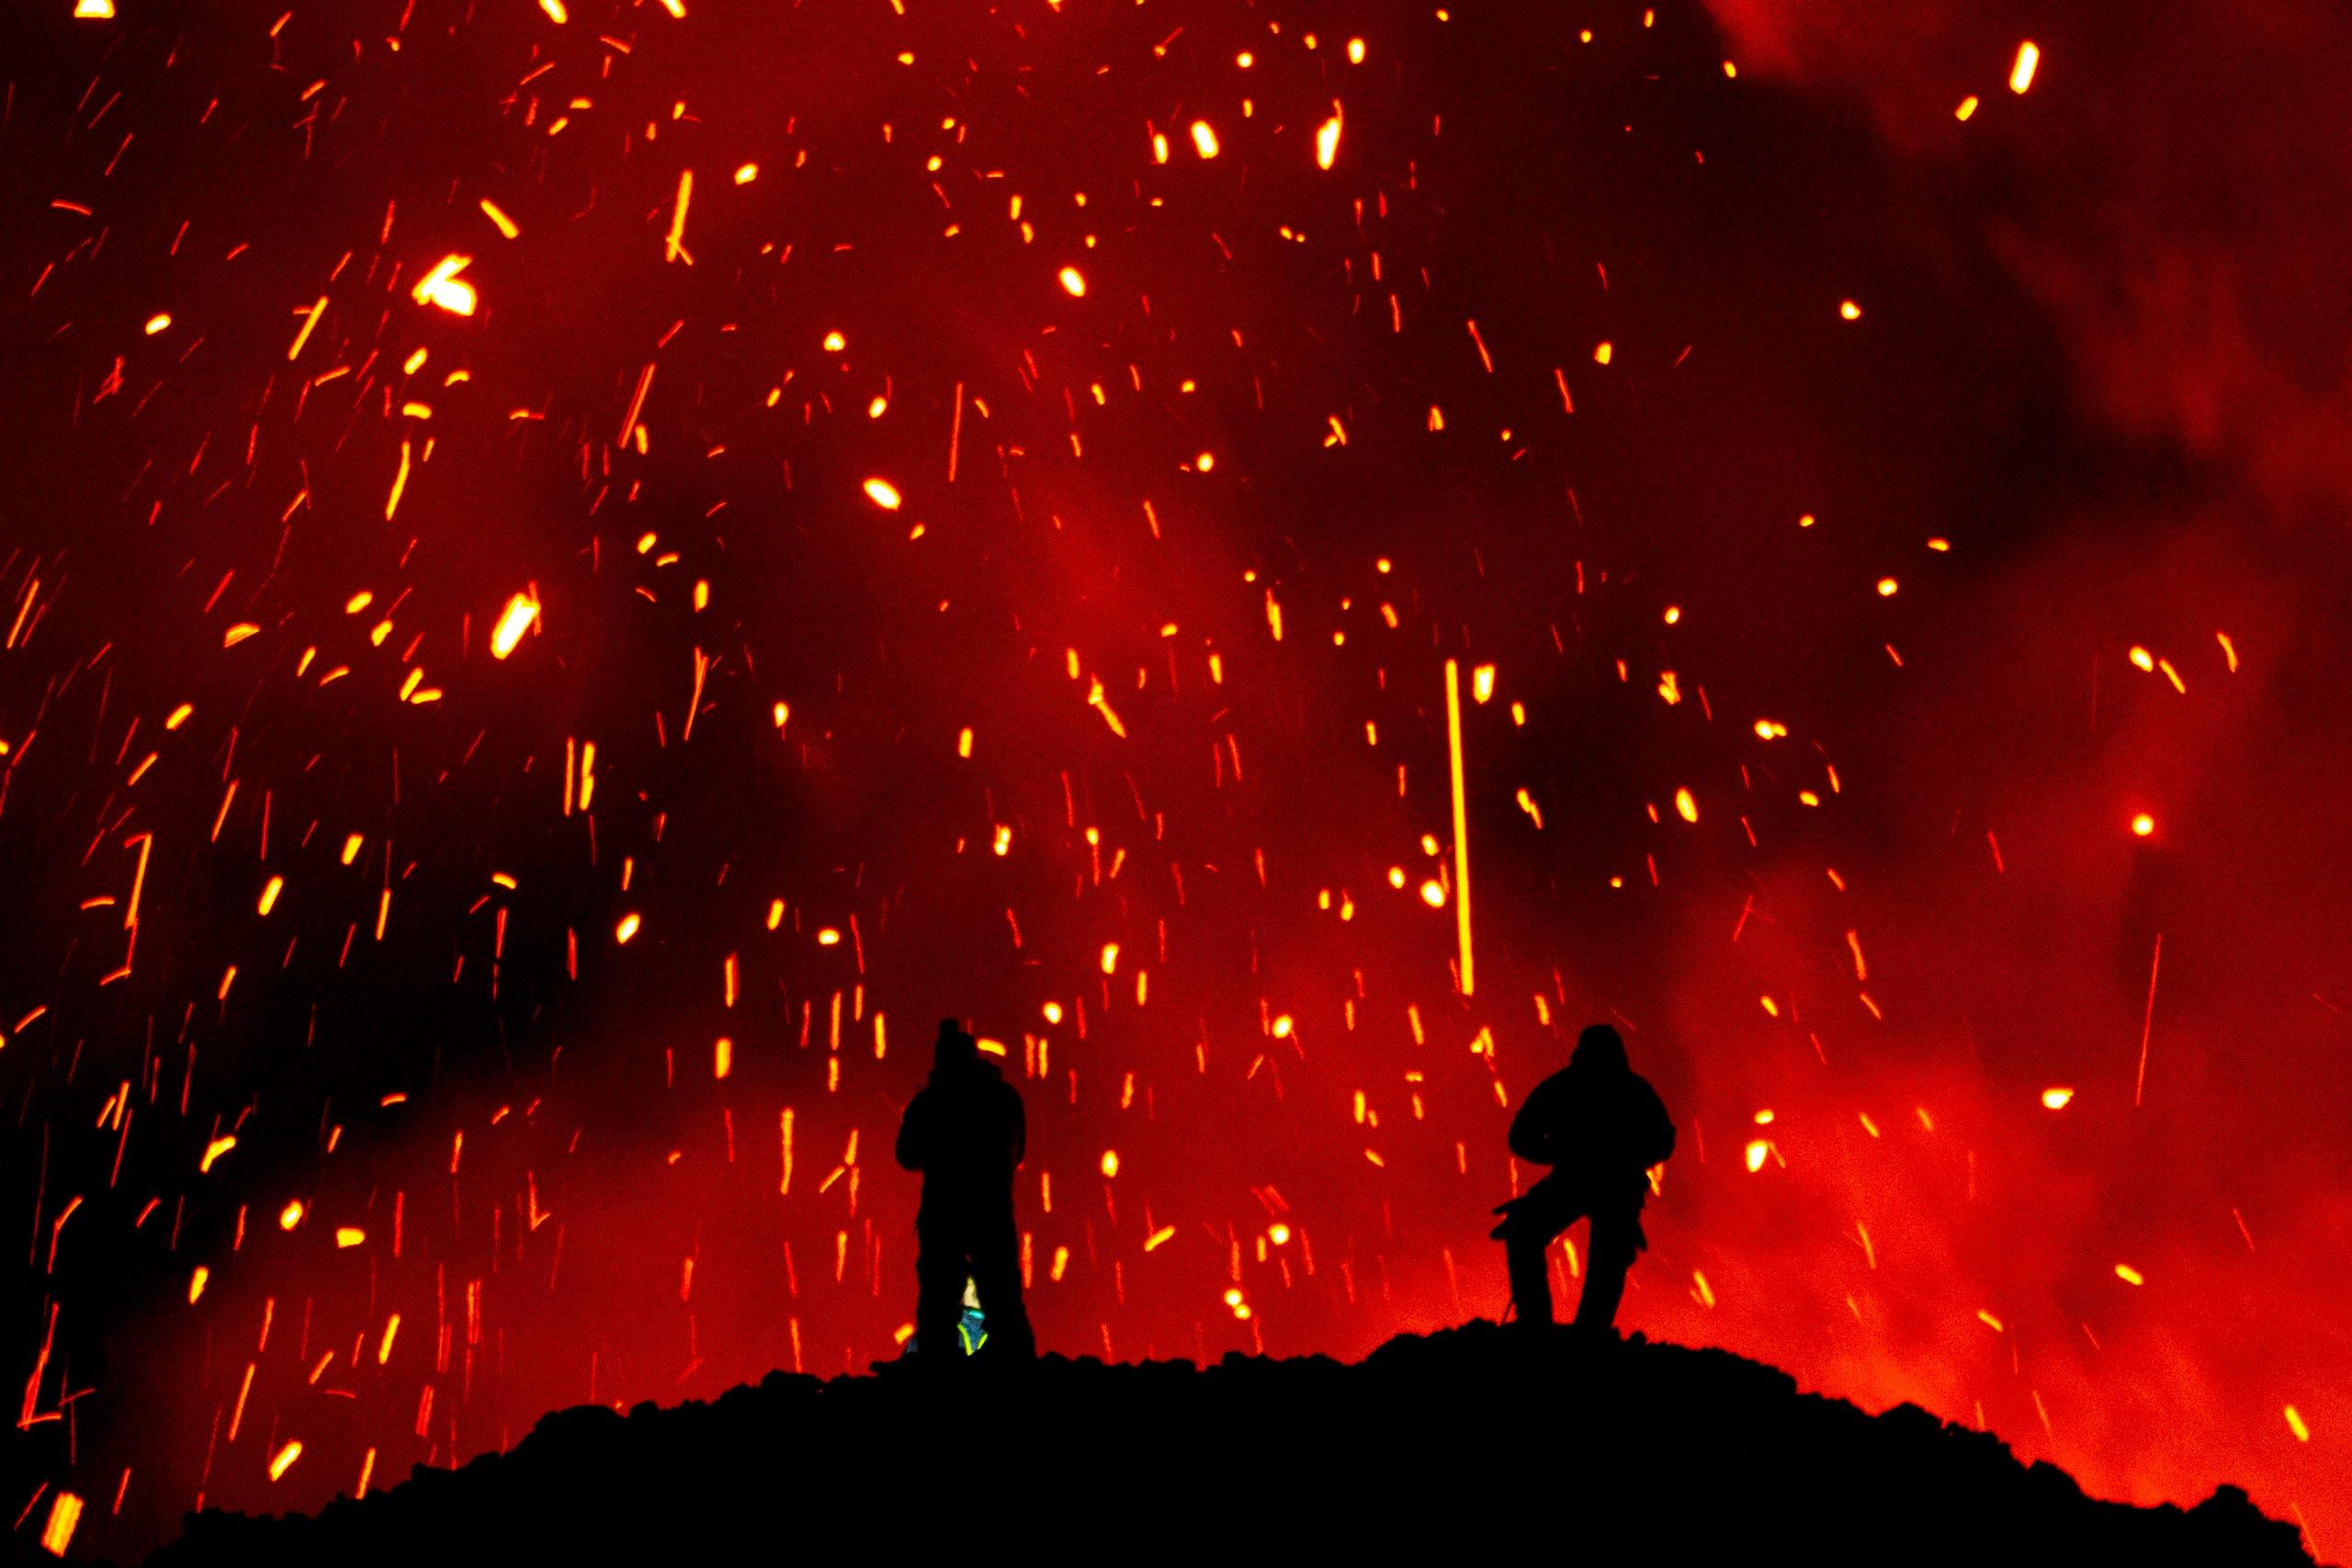 سياح ينظرون إلى حمم بركانية في منطقة كامشاتكا